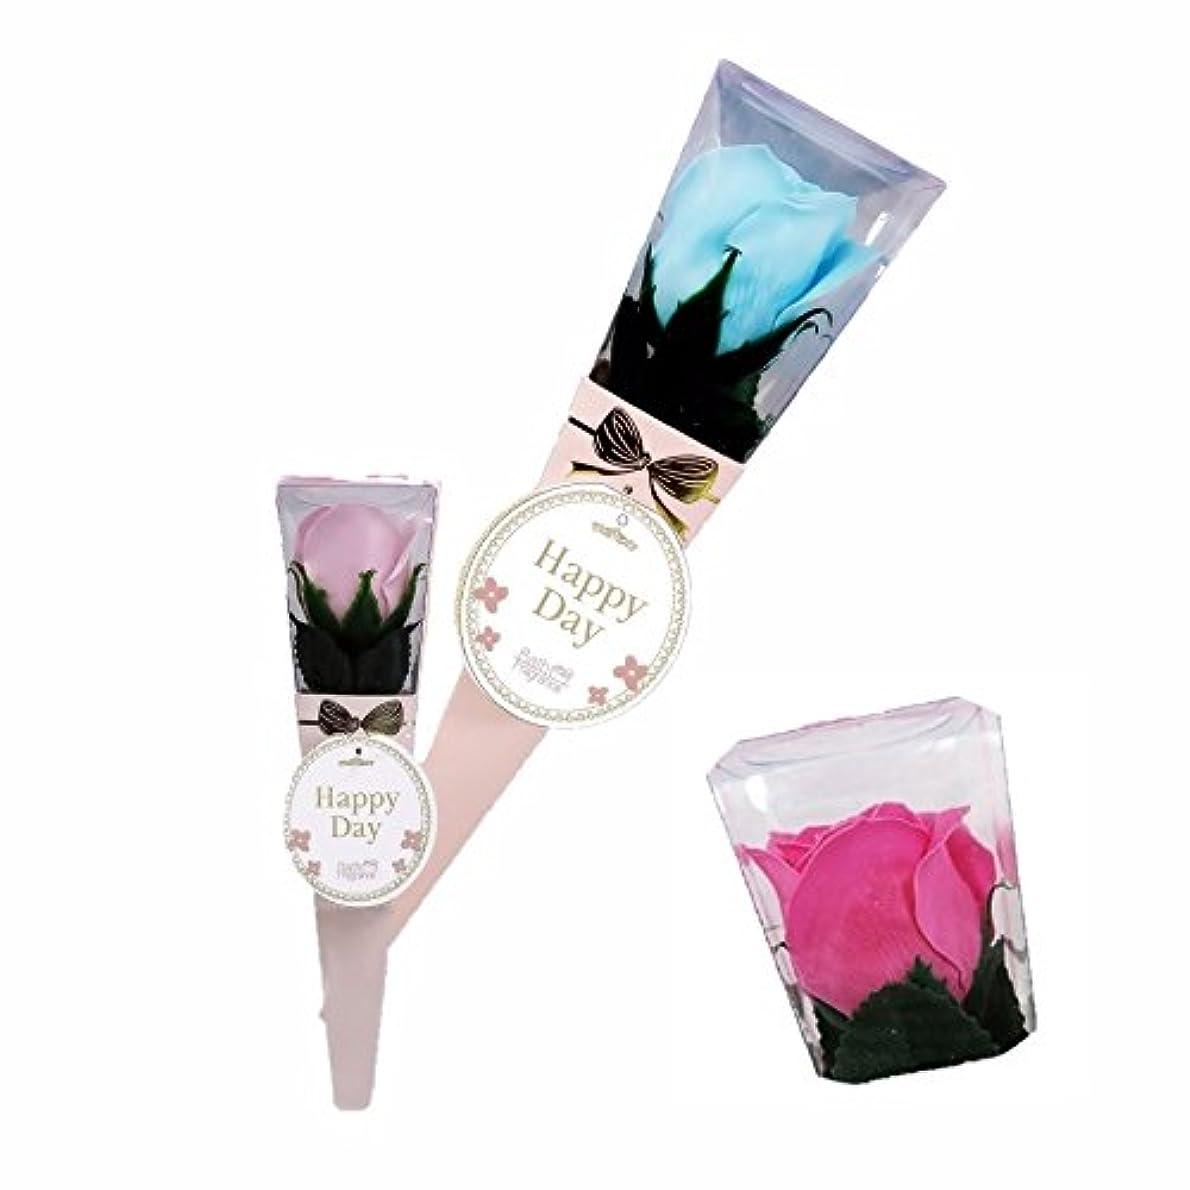 いっぱい魂ペダルバスフレグランス ミニローズブーケ ローズピンク バスフラワー ギフト お花の形の入浴剤